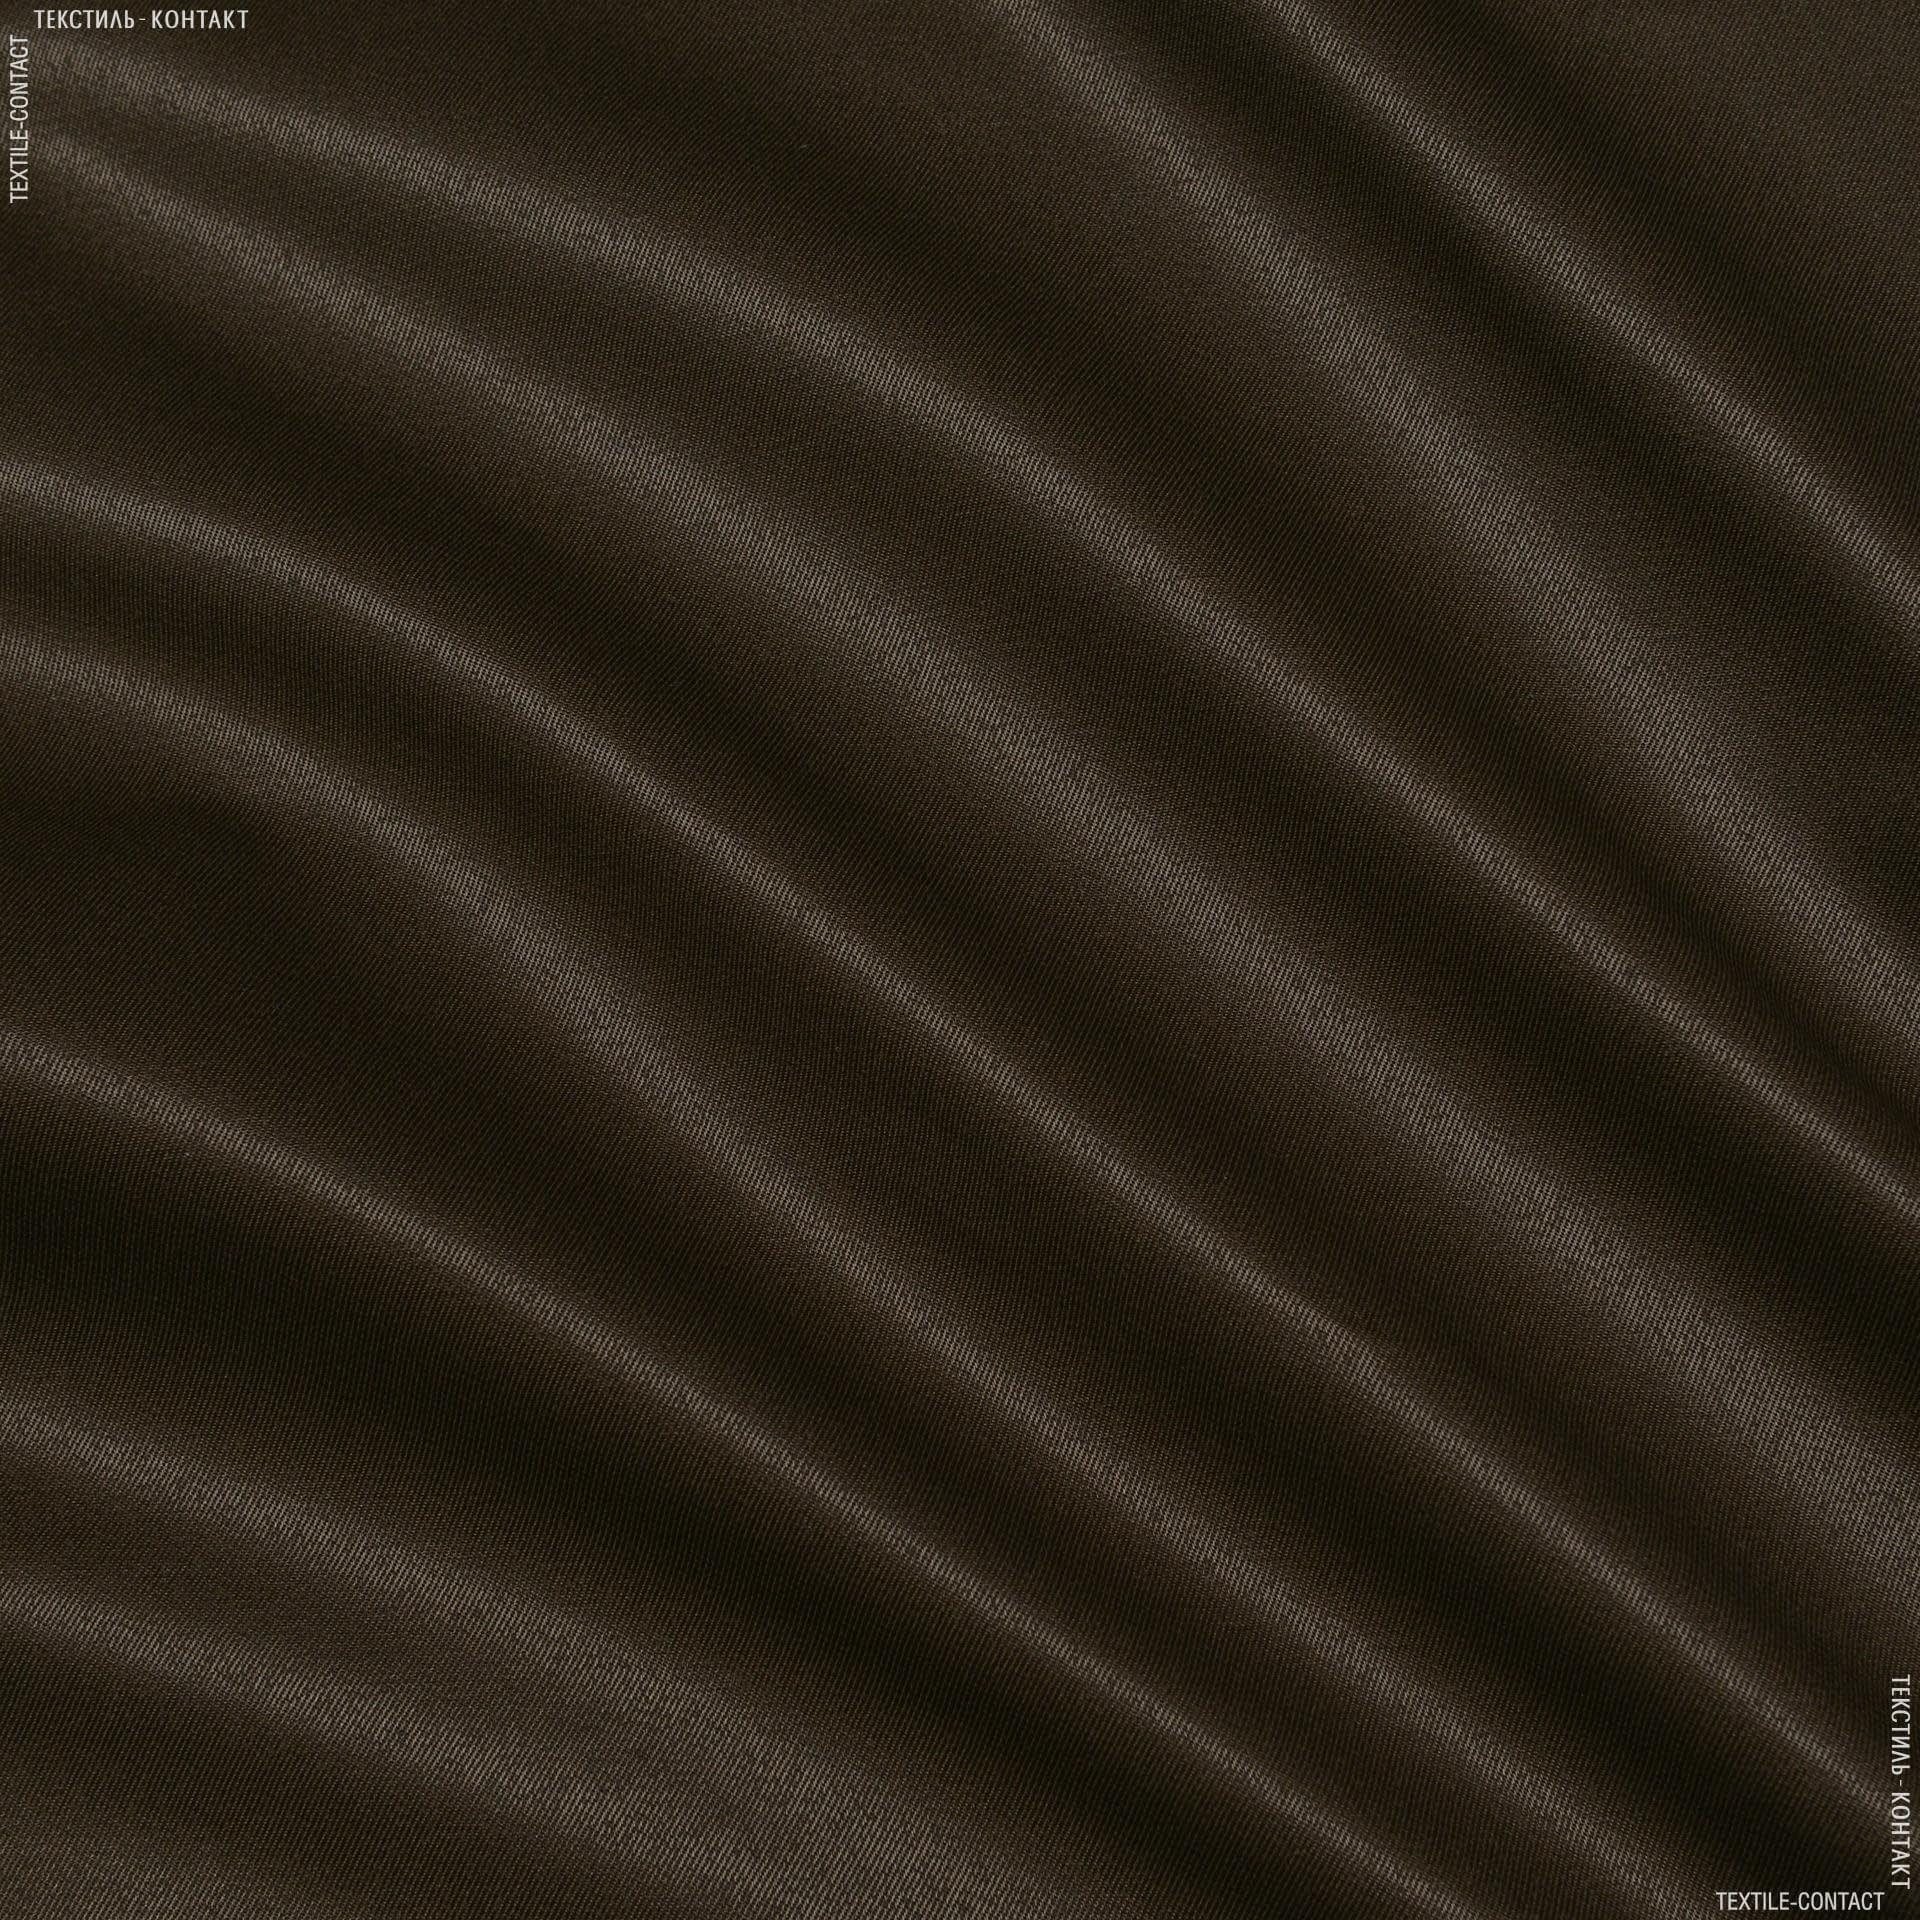 Ткани для спецодежды - Грета-2811 коричневый